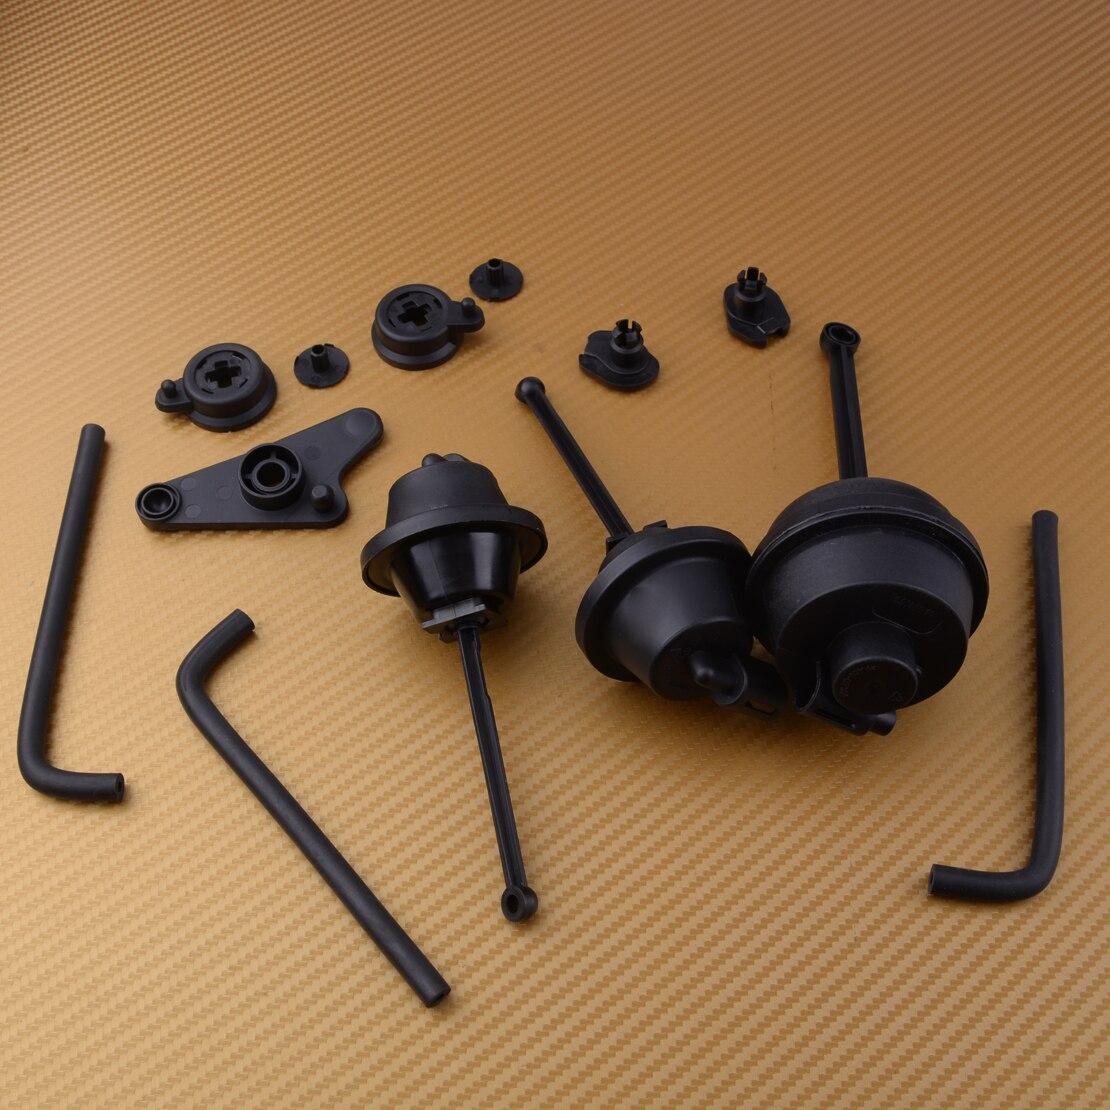 beler Intake Manifold Air Flap Runner Repair Kit Tool Fit for Mercedes Benz M272 2721402401